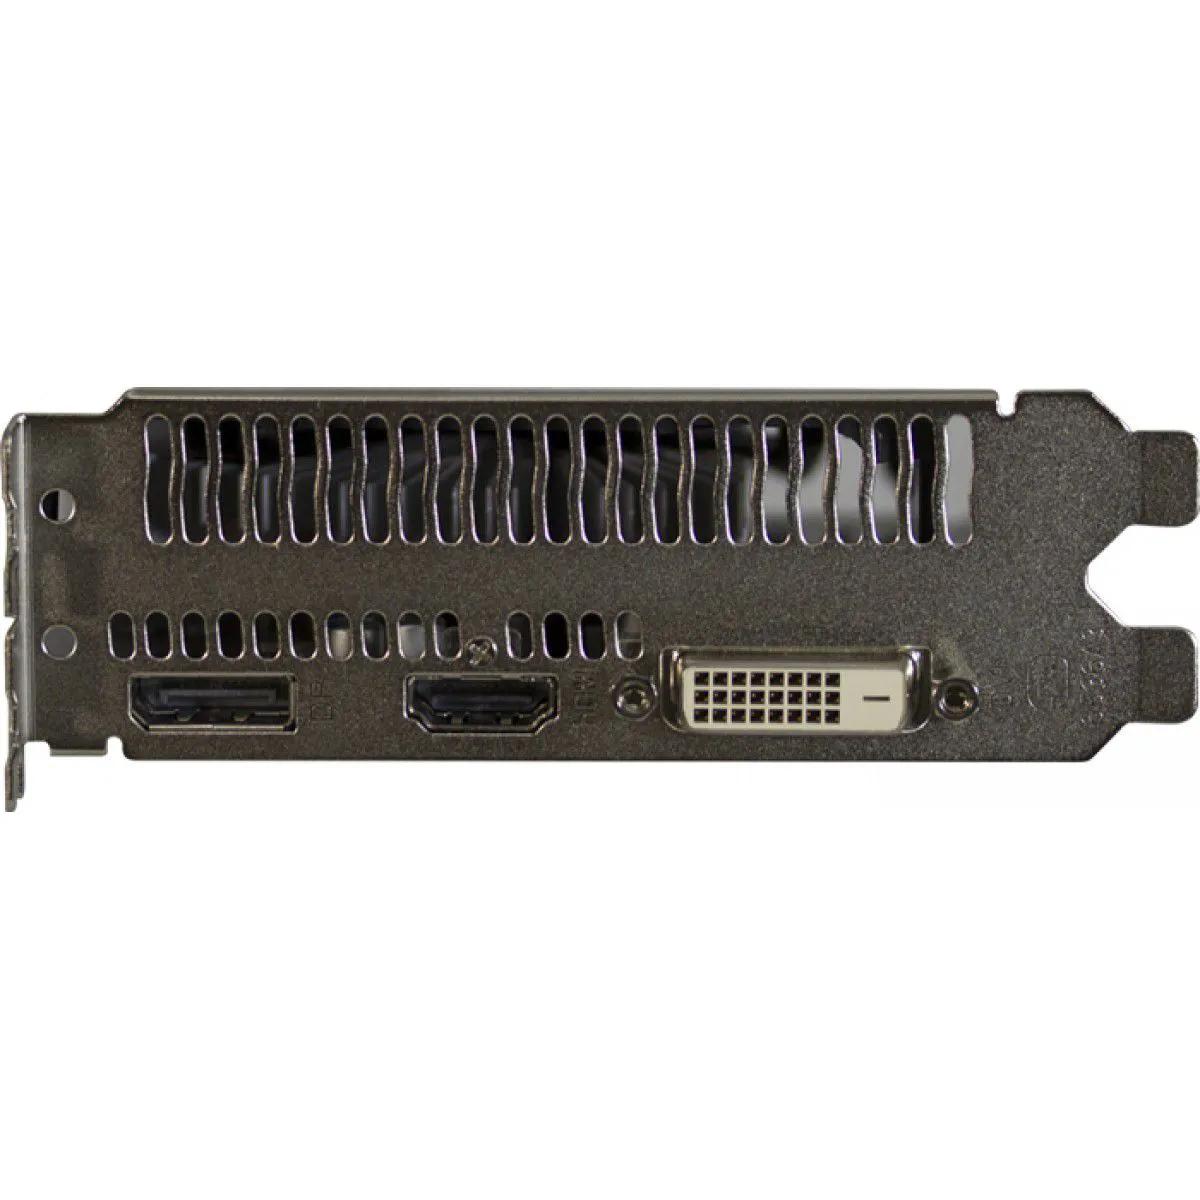 Placa de Vídeo PowerColor RX 550 4GB GDDR5 128Bit AXRX 550 4GBD5-DHA/OC